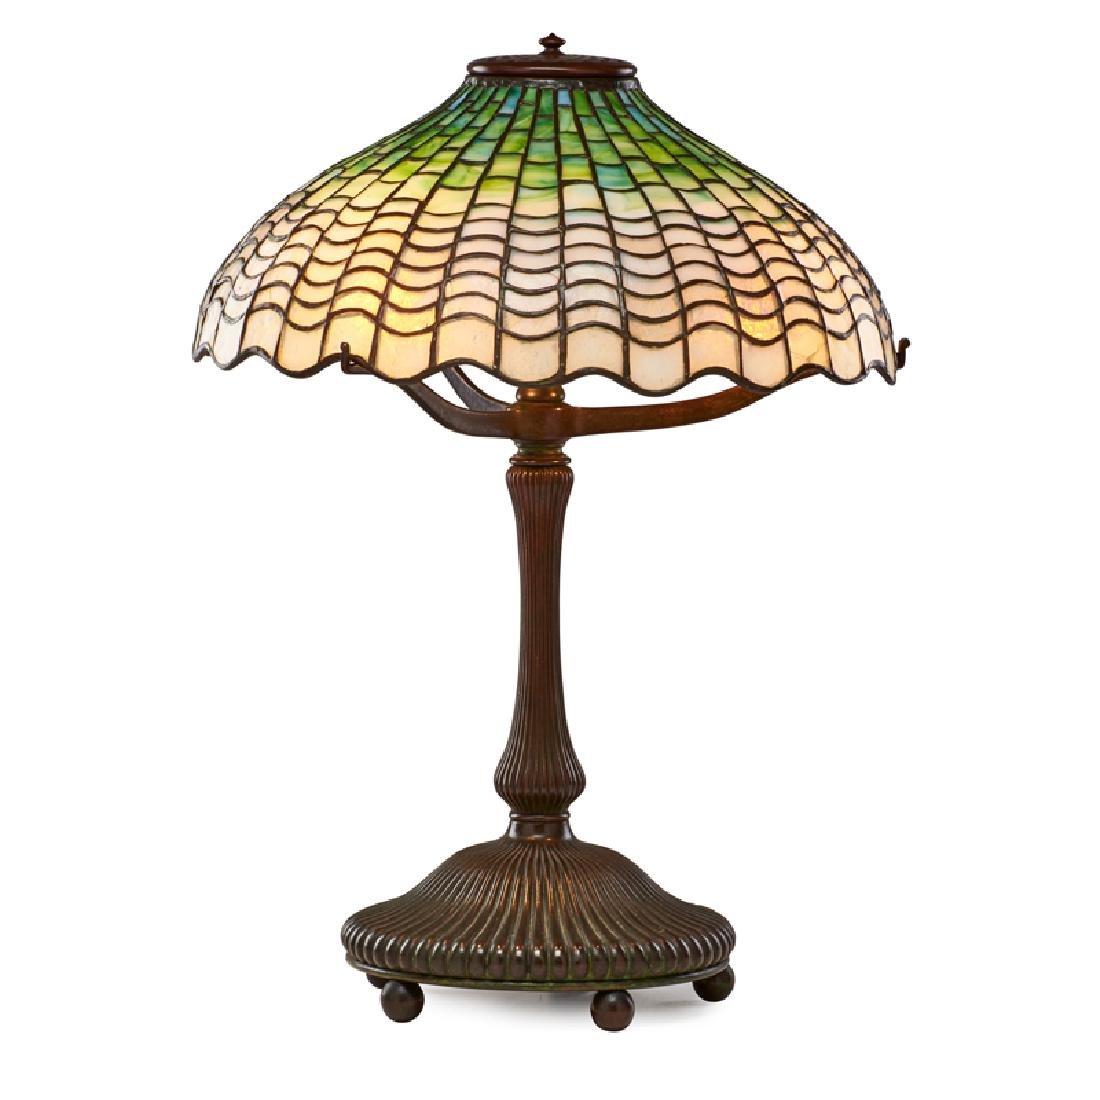 TIFFANY STUDIOS Shell table lamp